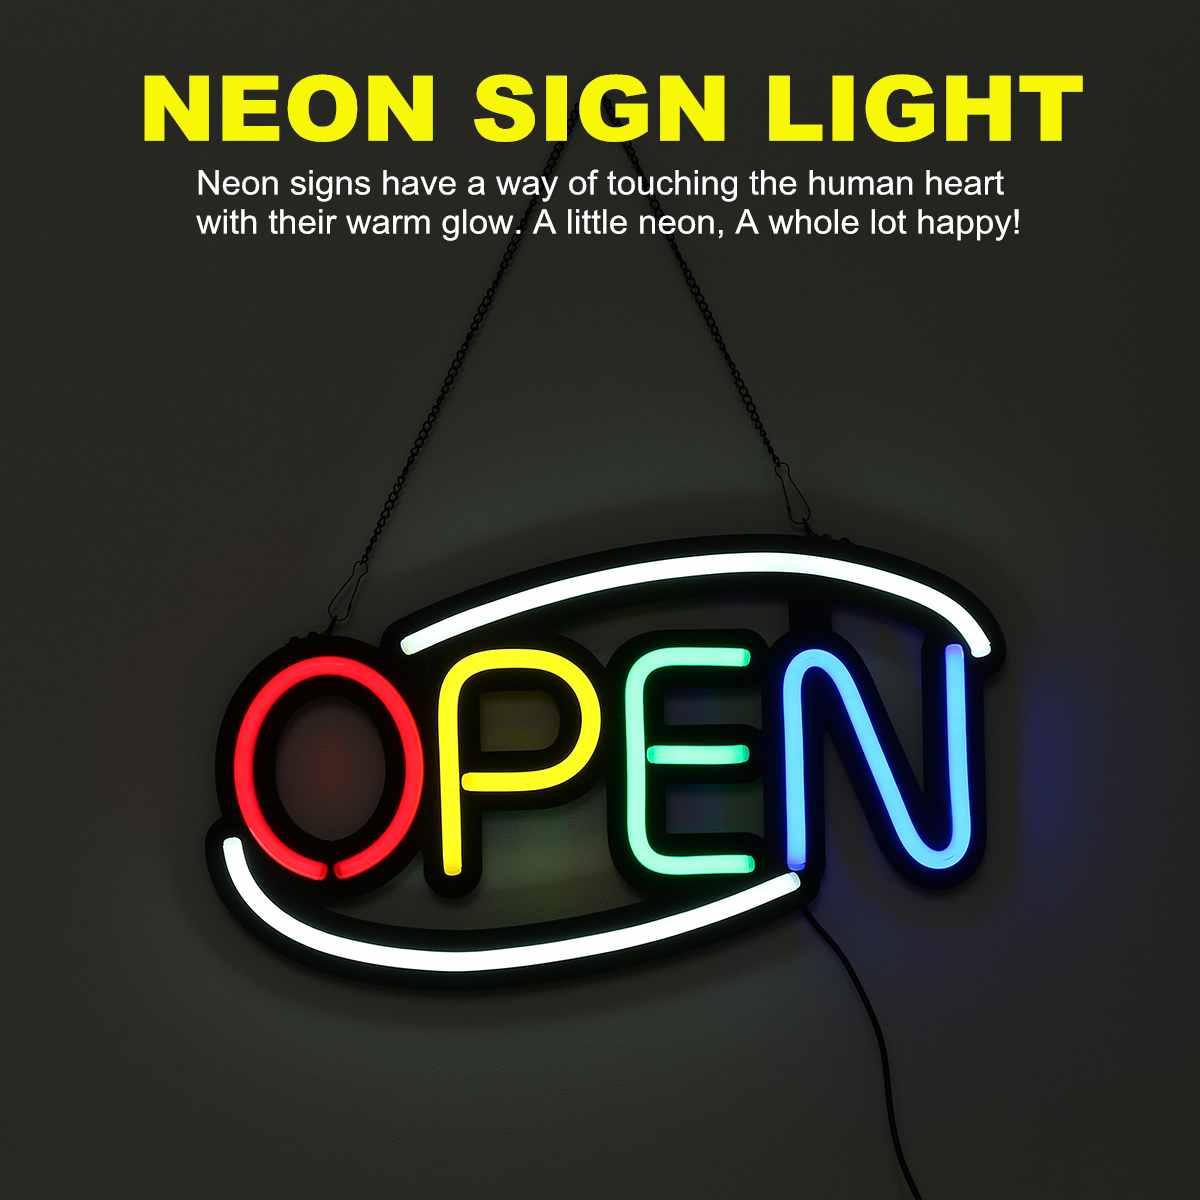 Enseigne au néon ouverte Tube de lumière LED à la main illustration visuelle Bar Club KTV décoration murale éclairage Commercial coloré ampoules au néon